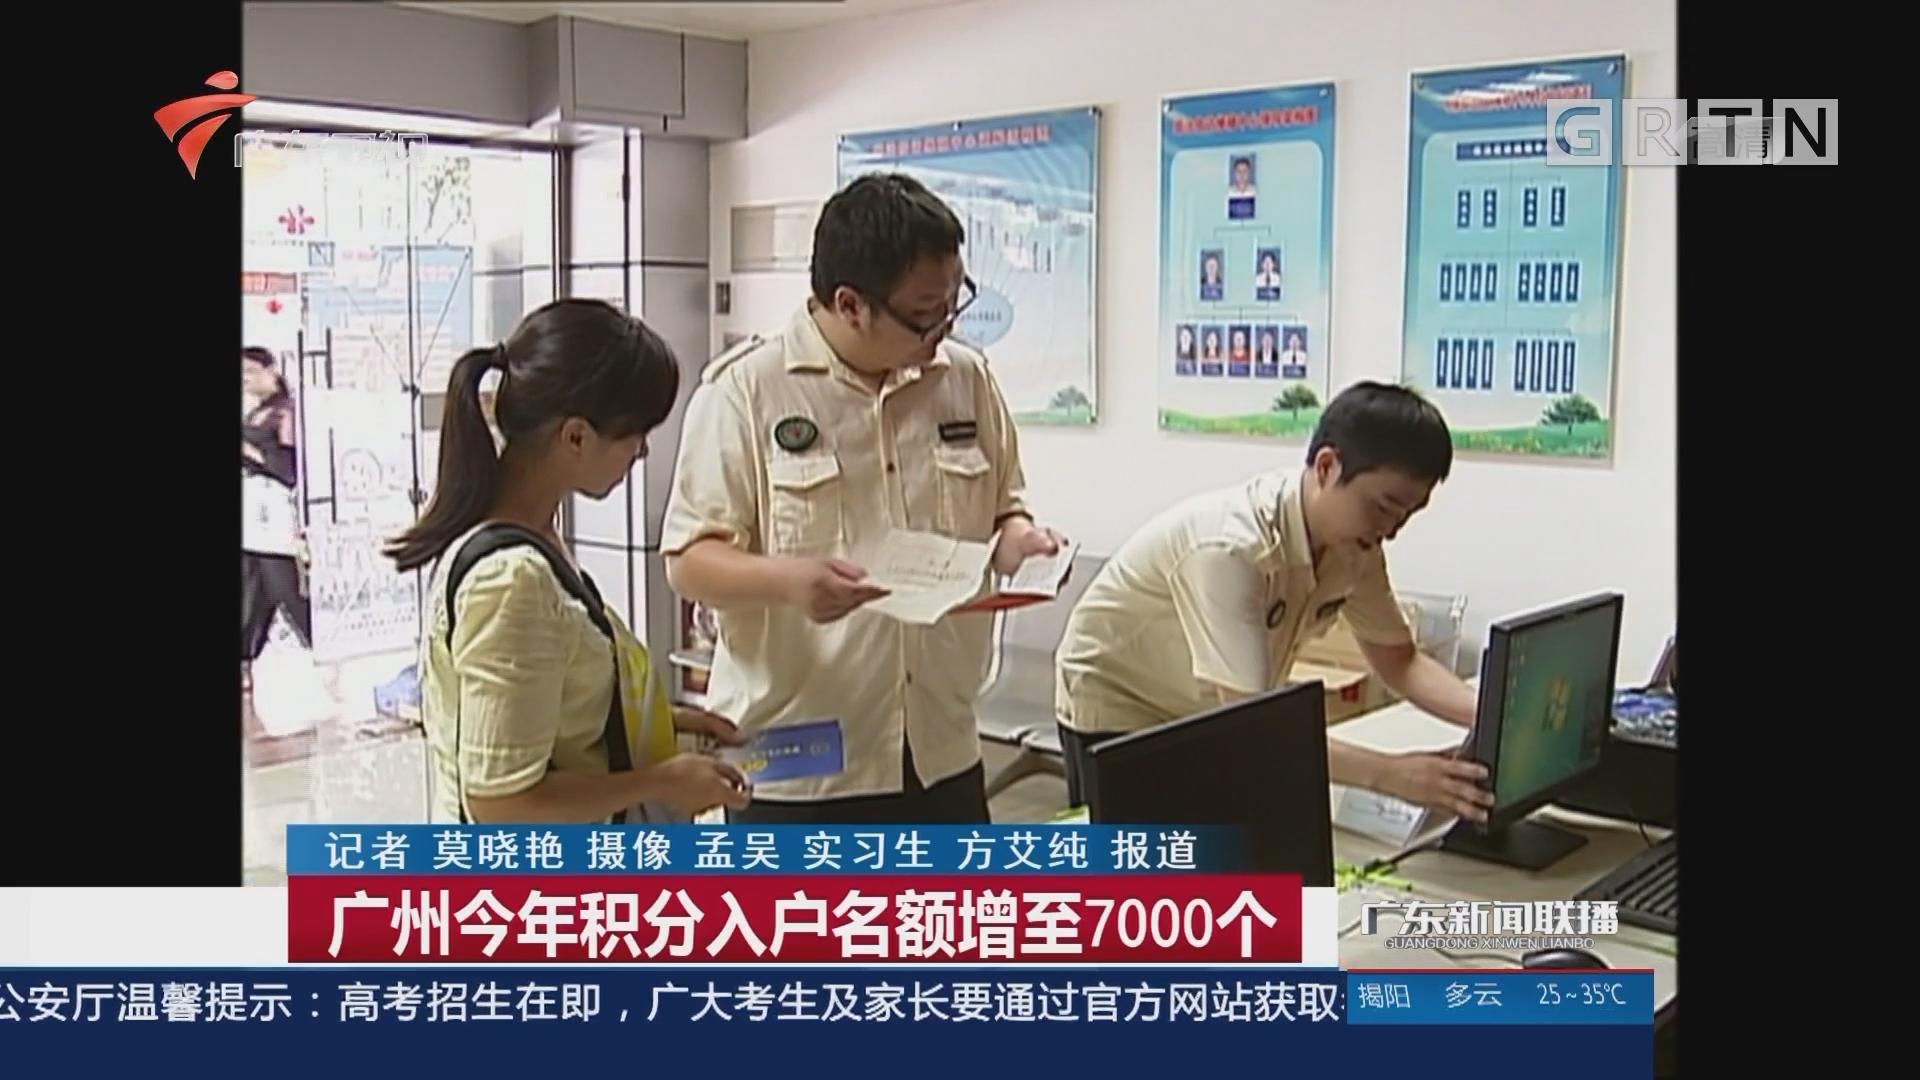 广州今年积分入户名额增至7000个